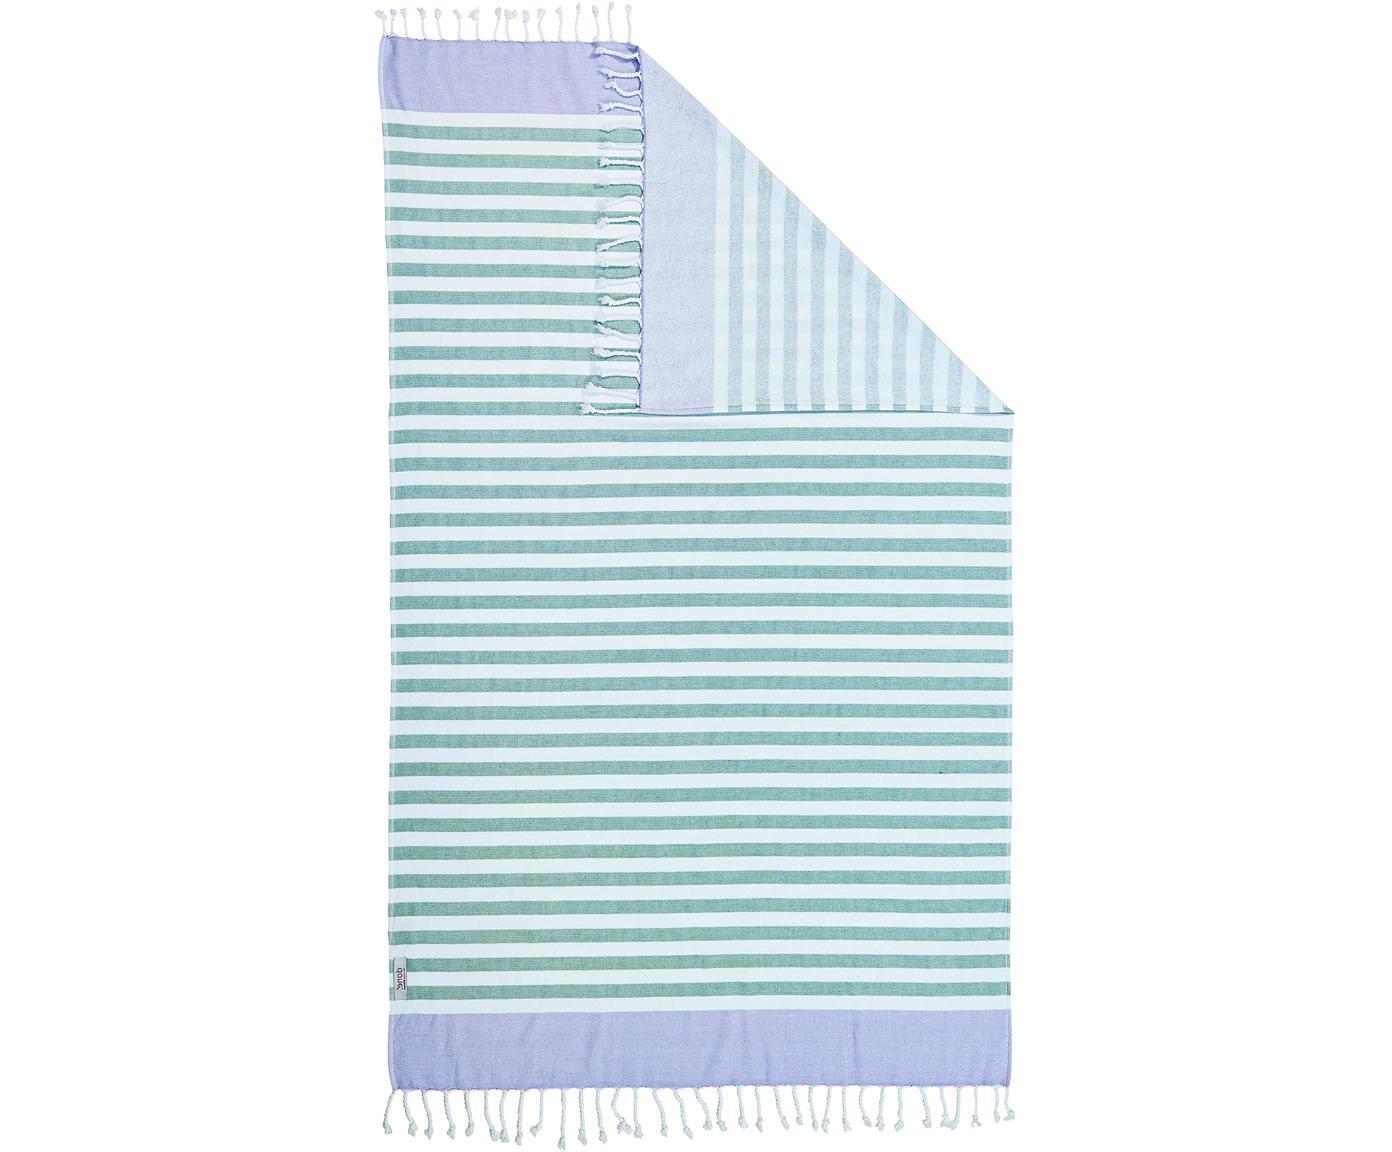 Hamamdoek Cairo, Katoen, lichte kwaliteit, 300 g/m², Groen, 90 x 160 cm